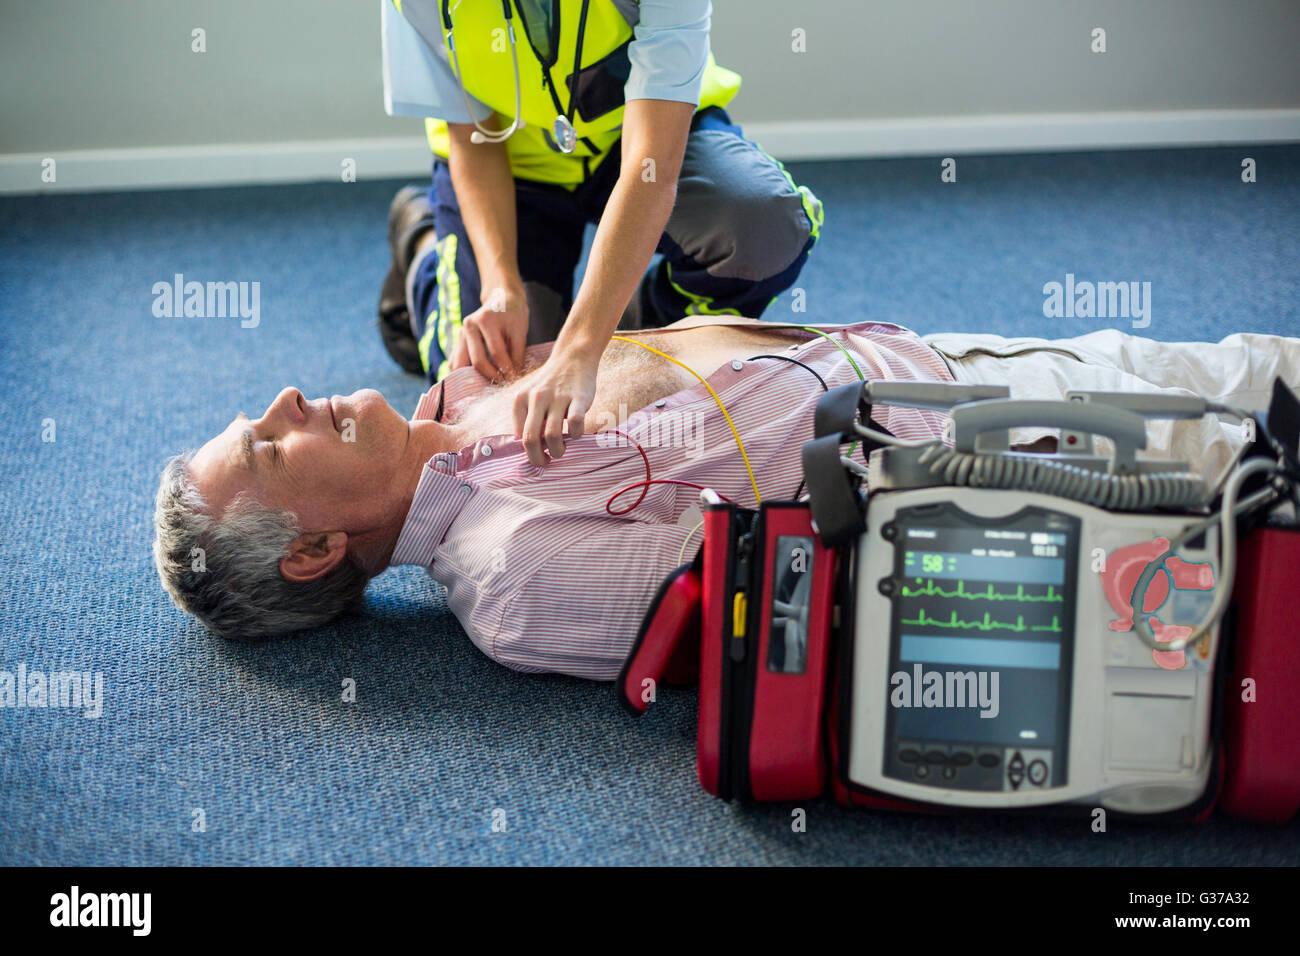 Paramedic utilizzando un defibrillatore esterno su un paziente in stato di incoscienza Immagini Stock